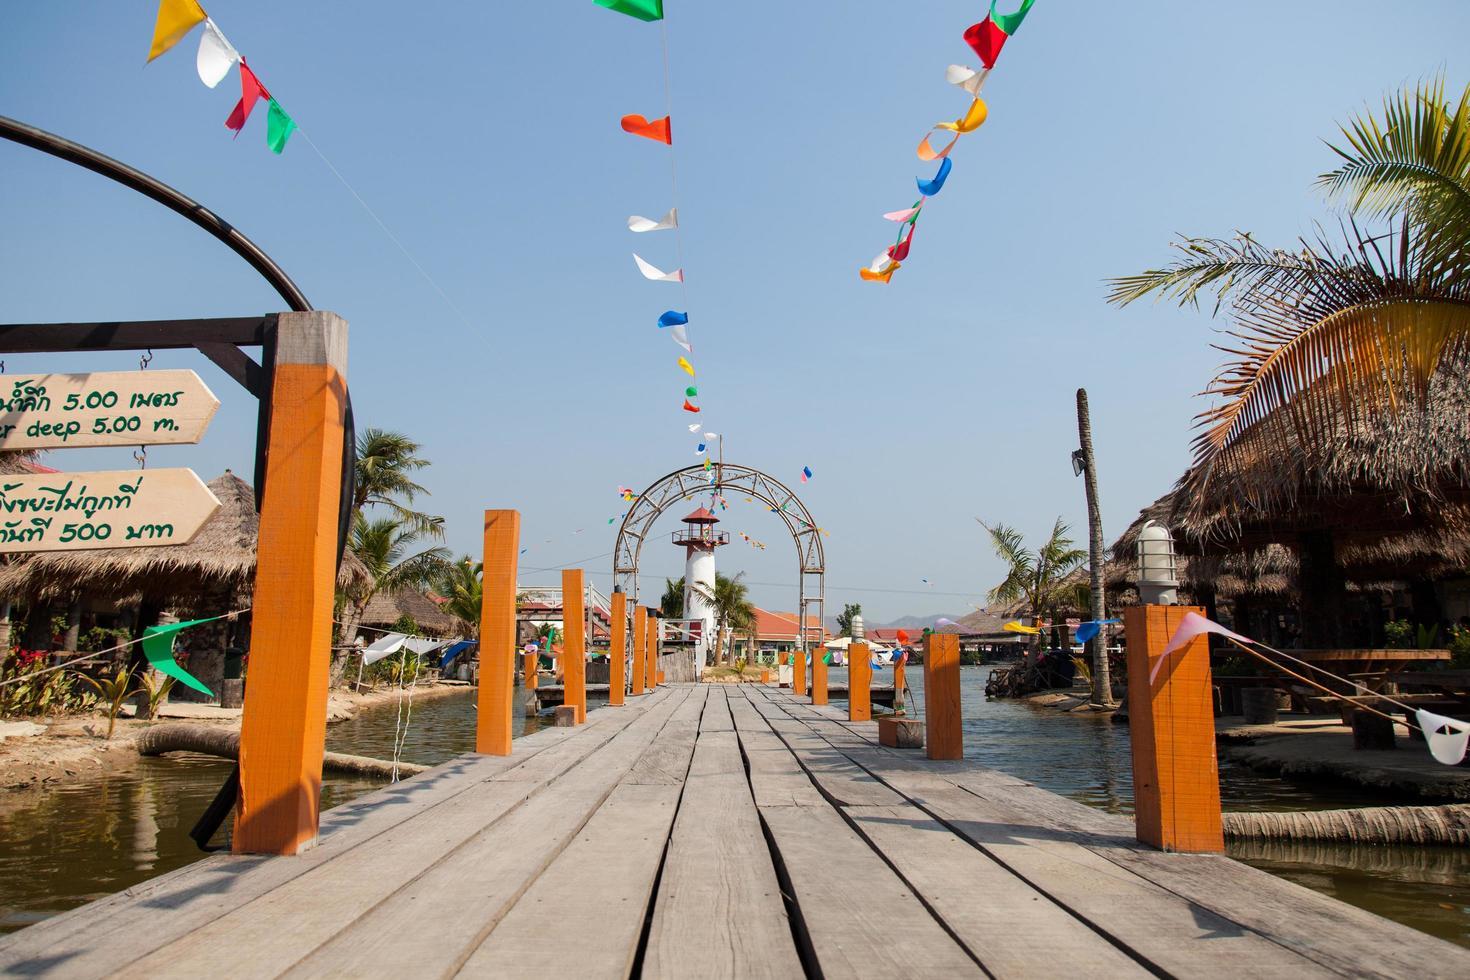 molo in legno in thailandia foto